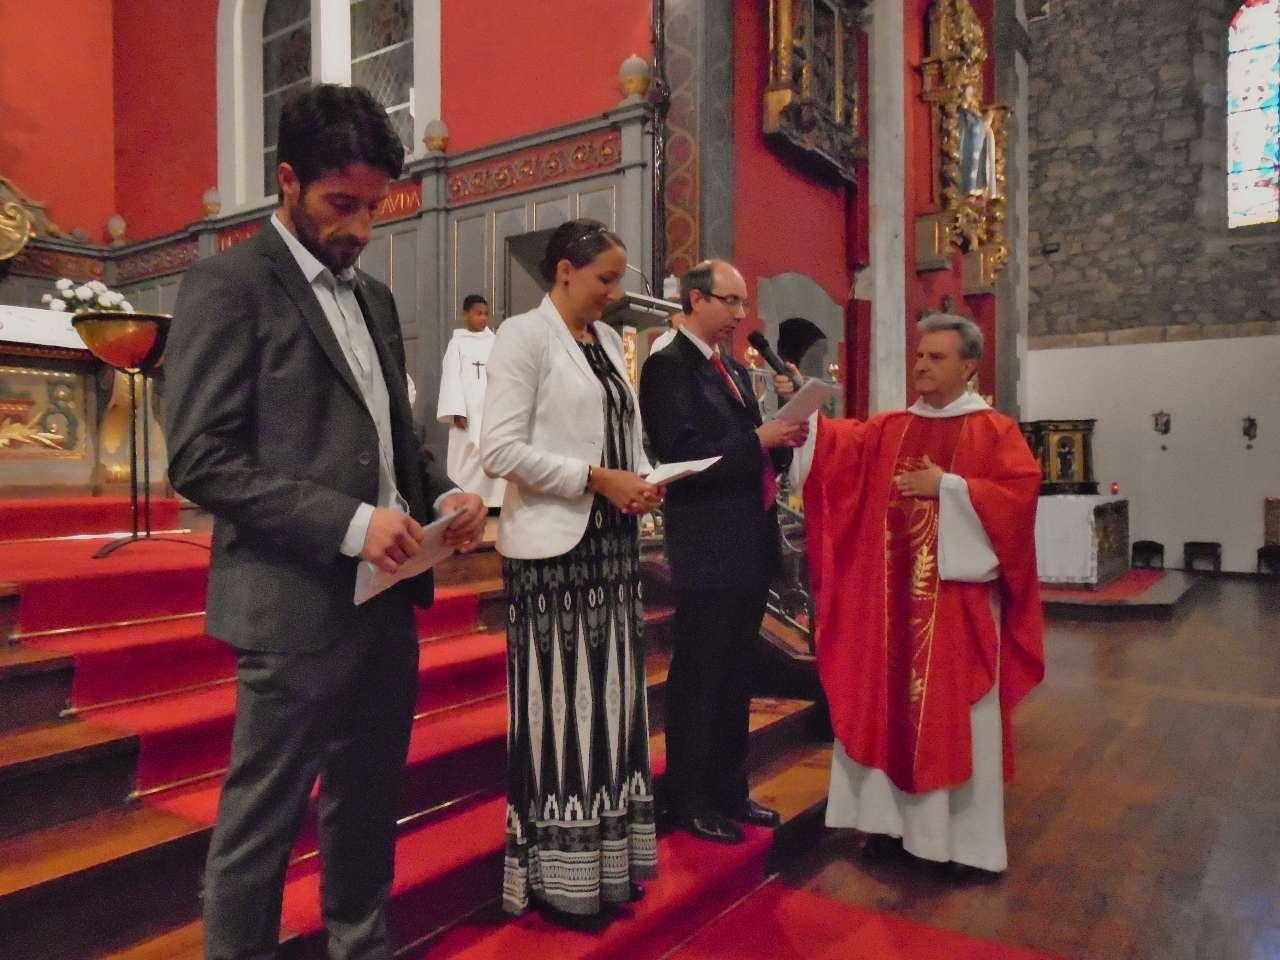 Mot d'accueil par les parents en espagnol, en français et en basque